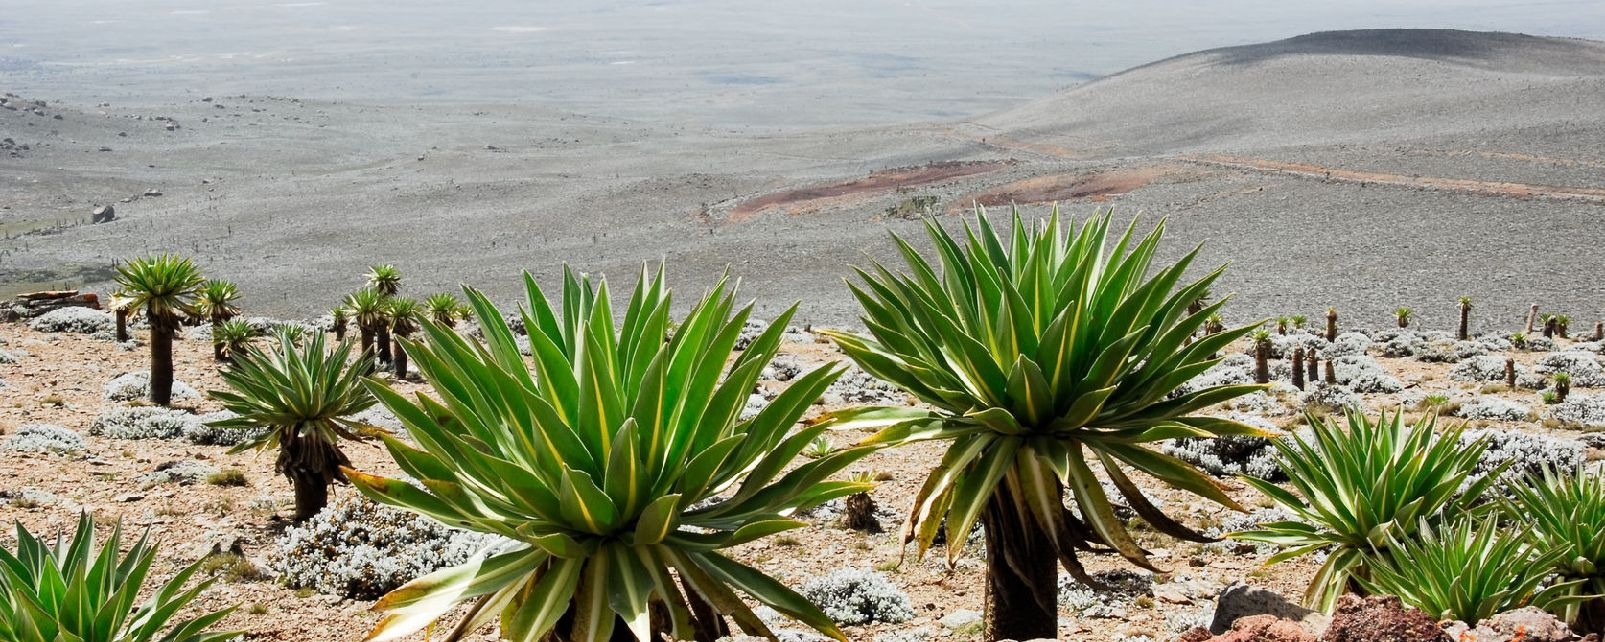 Le massif du Bale , Ethiopie